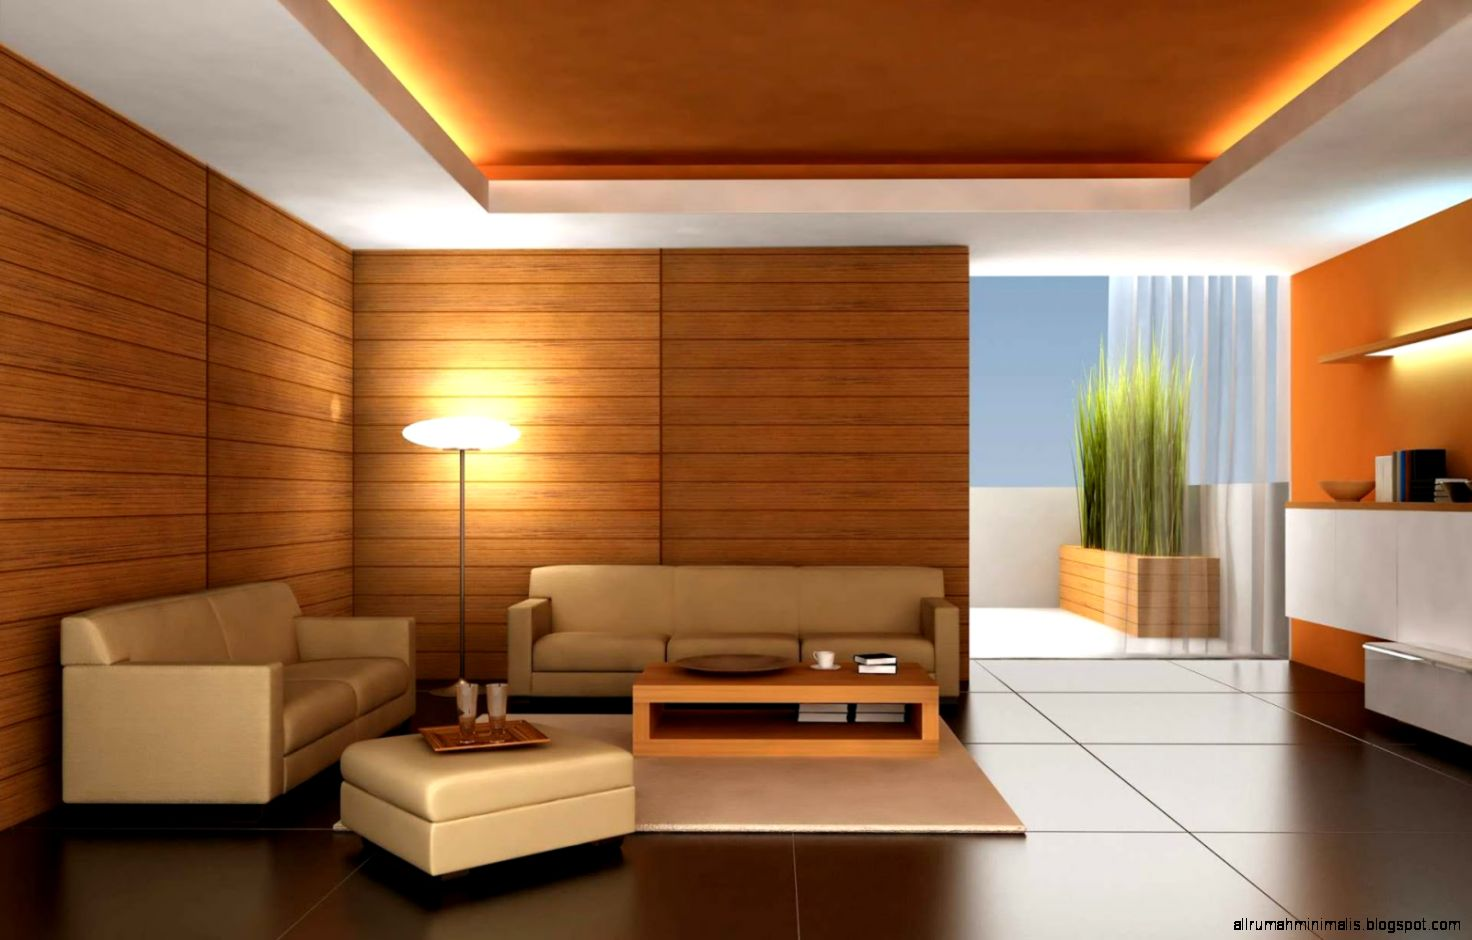 beberapa contoh desain dan model warna interior rumah minimalis